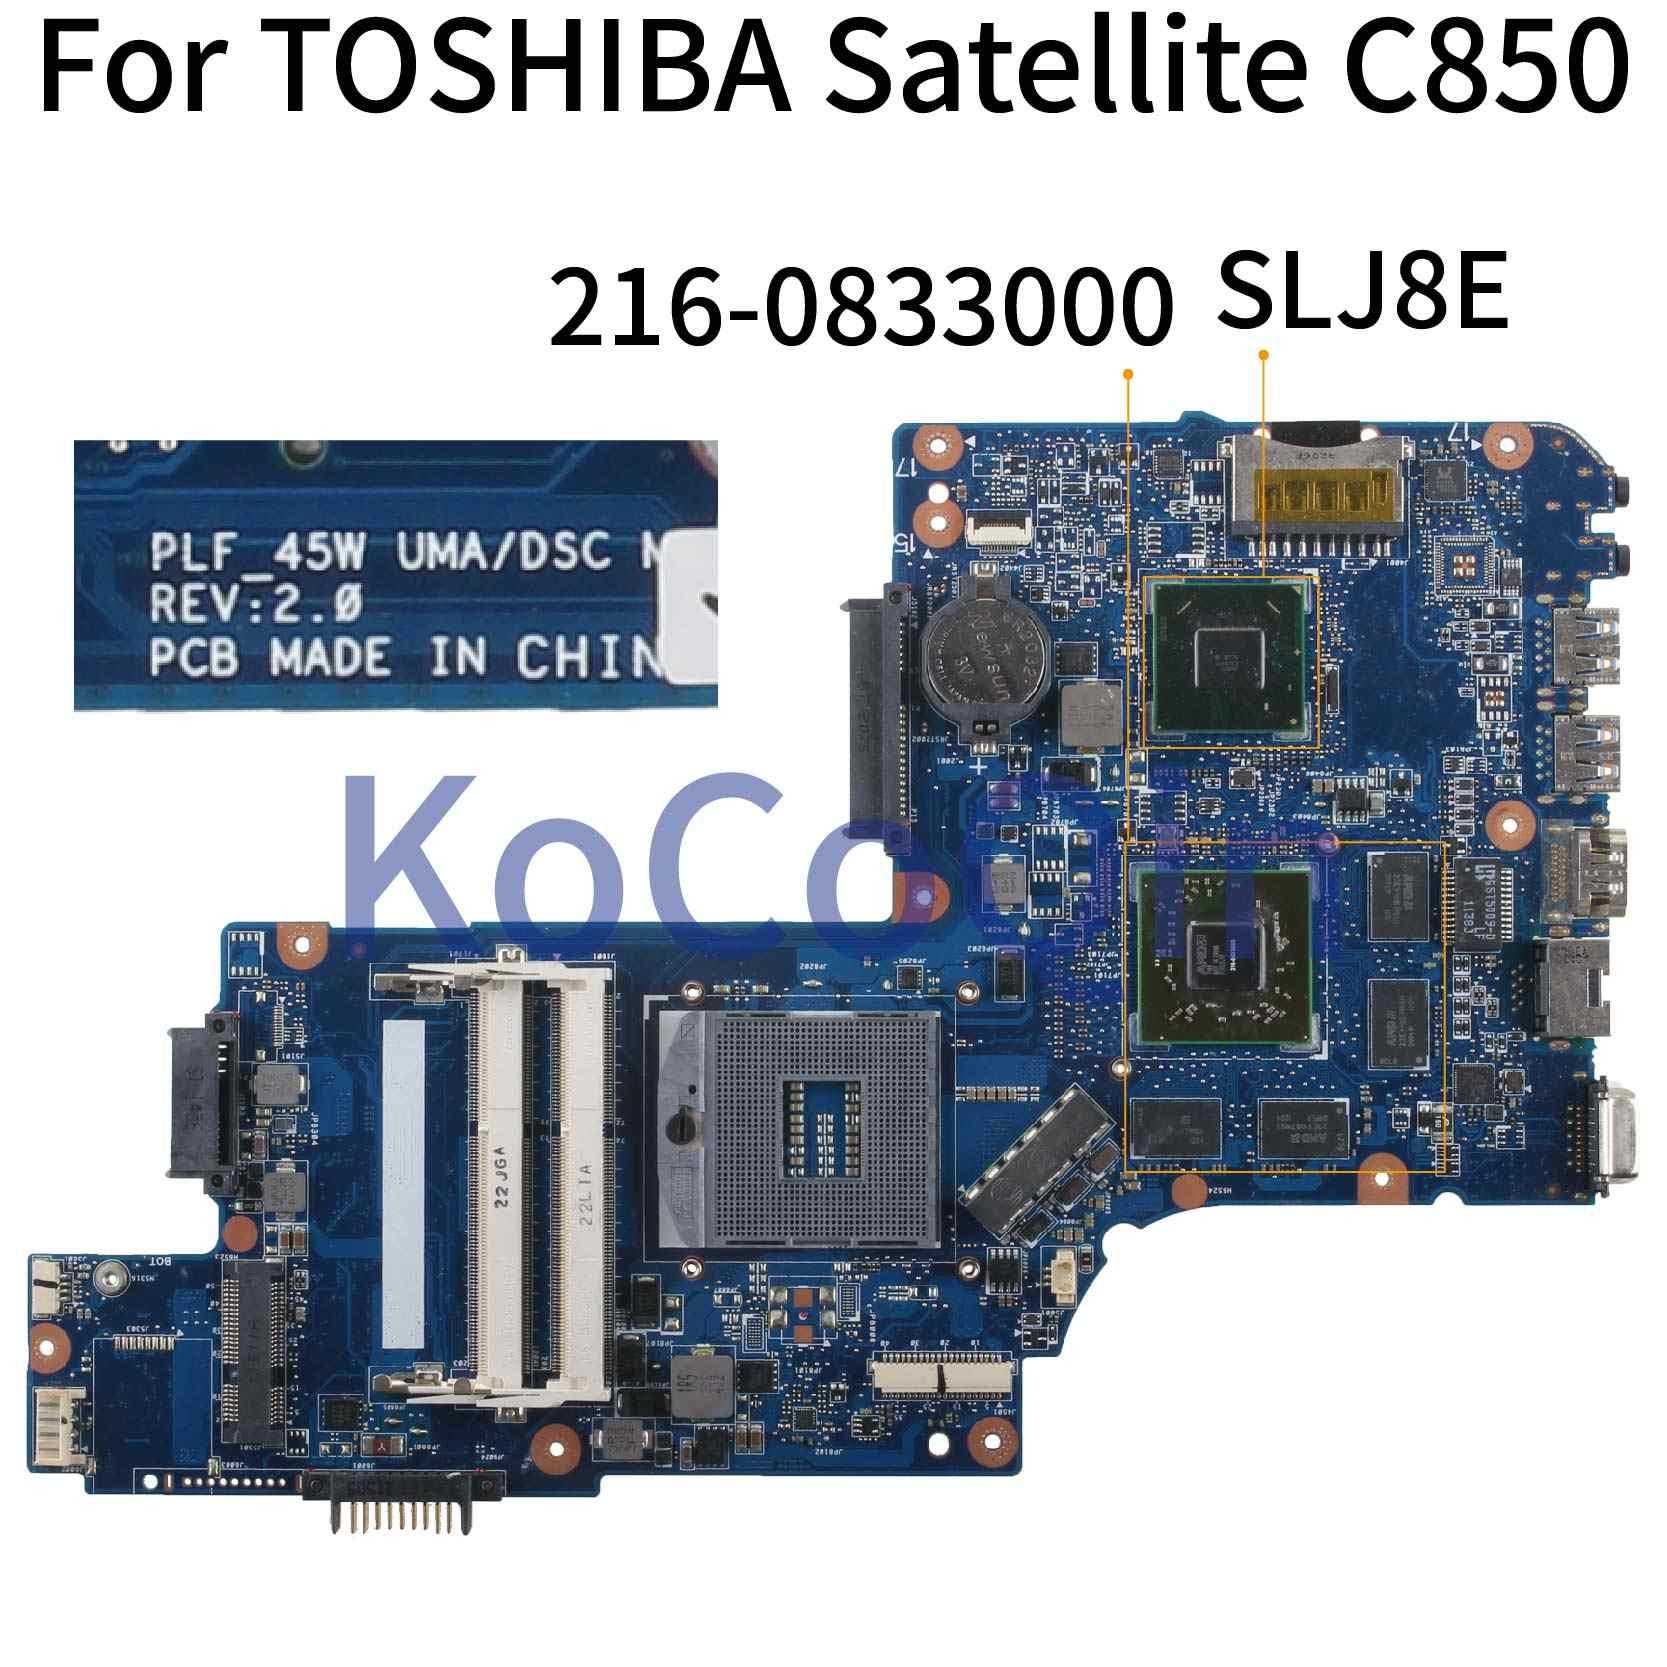 KoCoQin laptopa płyta główna do Toshiba z dostępem do kanałów satelitarnych C850 płyty głównej płyta główna SLJ8E 216-0833000